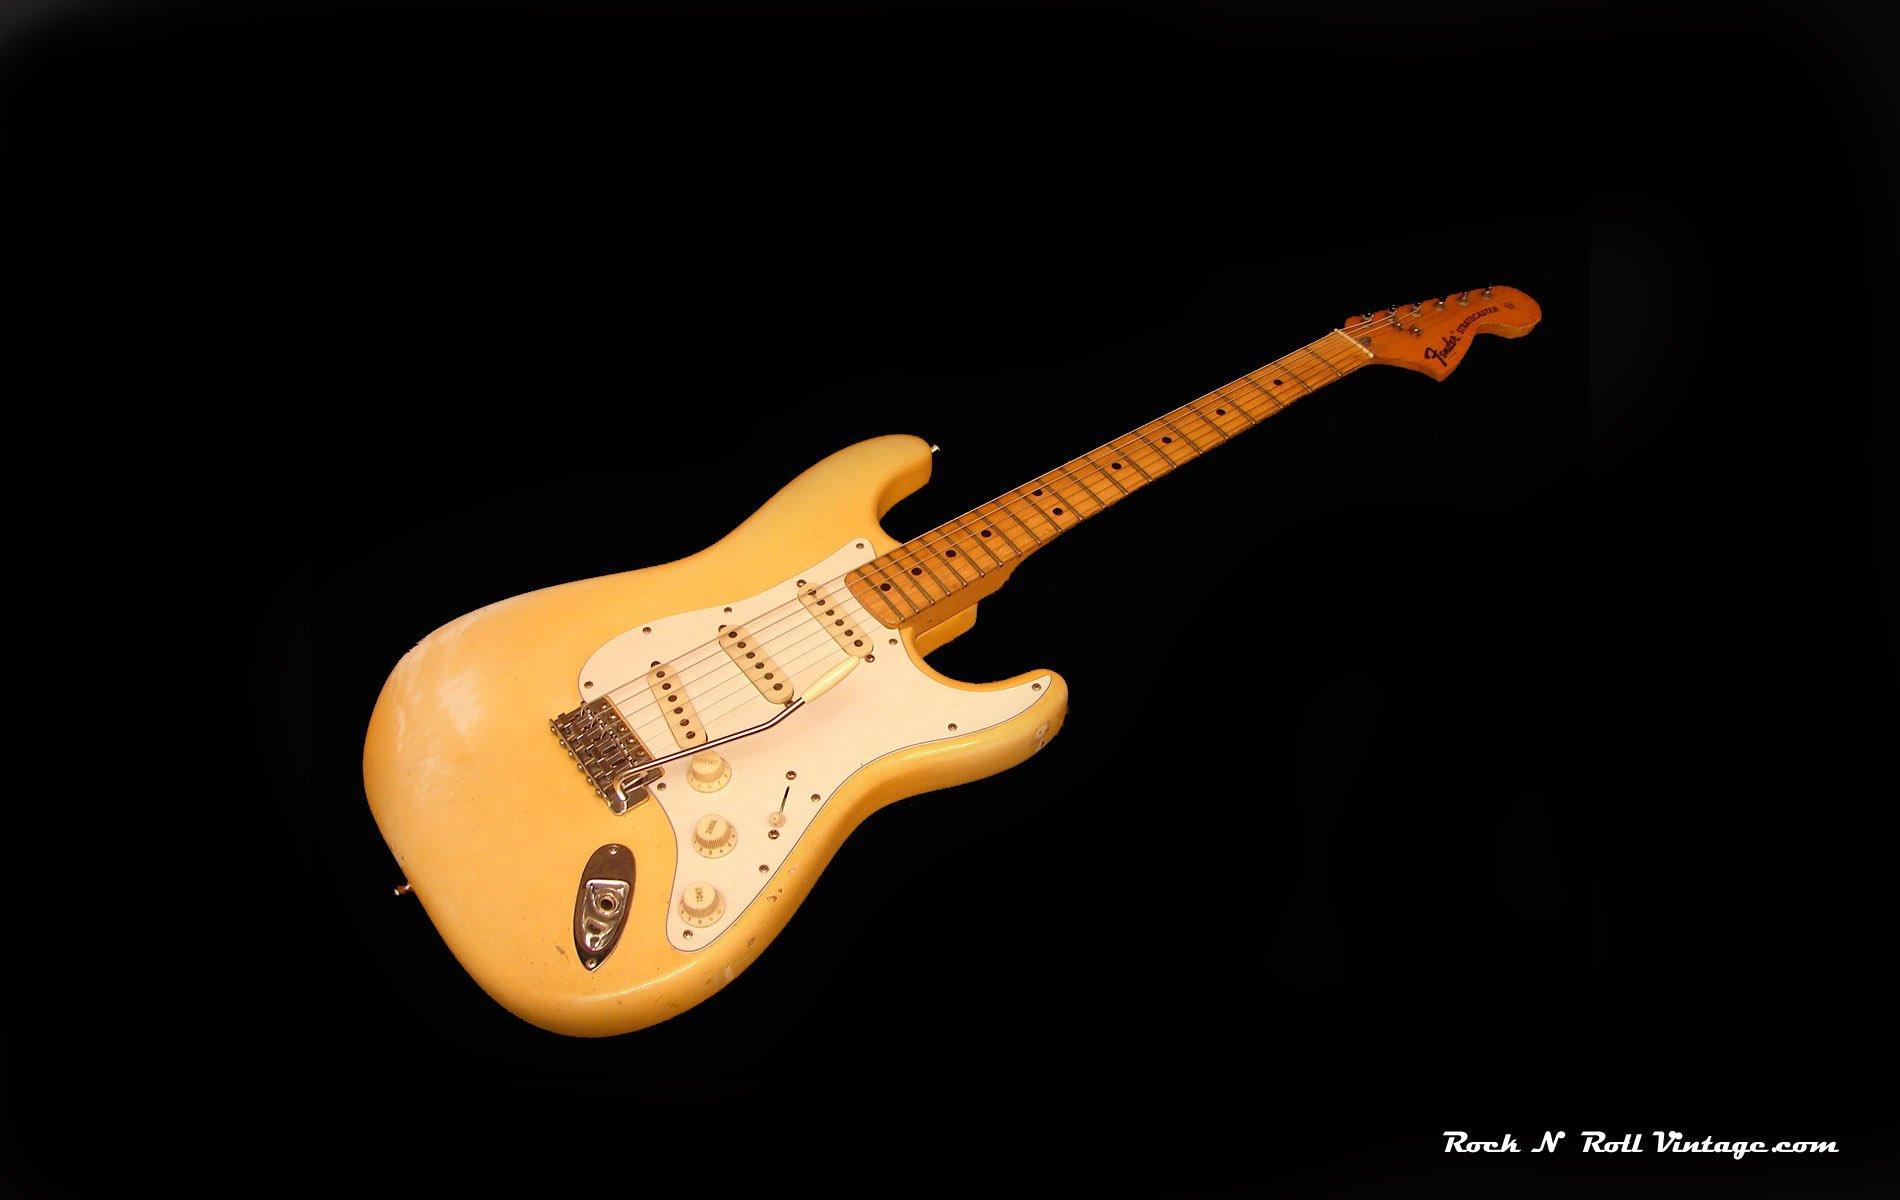 Fender guitar wallpaper for computer wallpapersafari - Free guitar wallpapers for pc ...